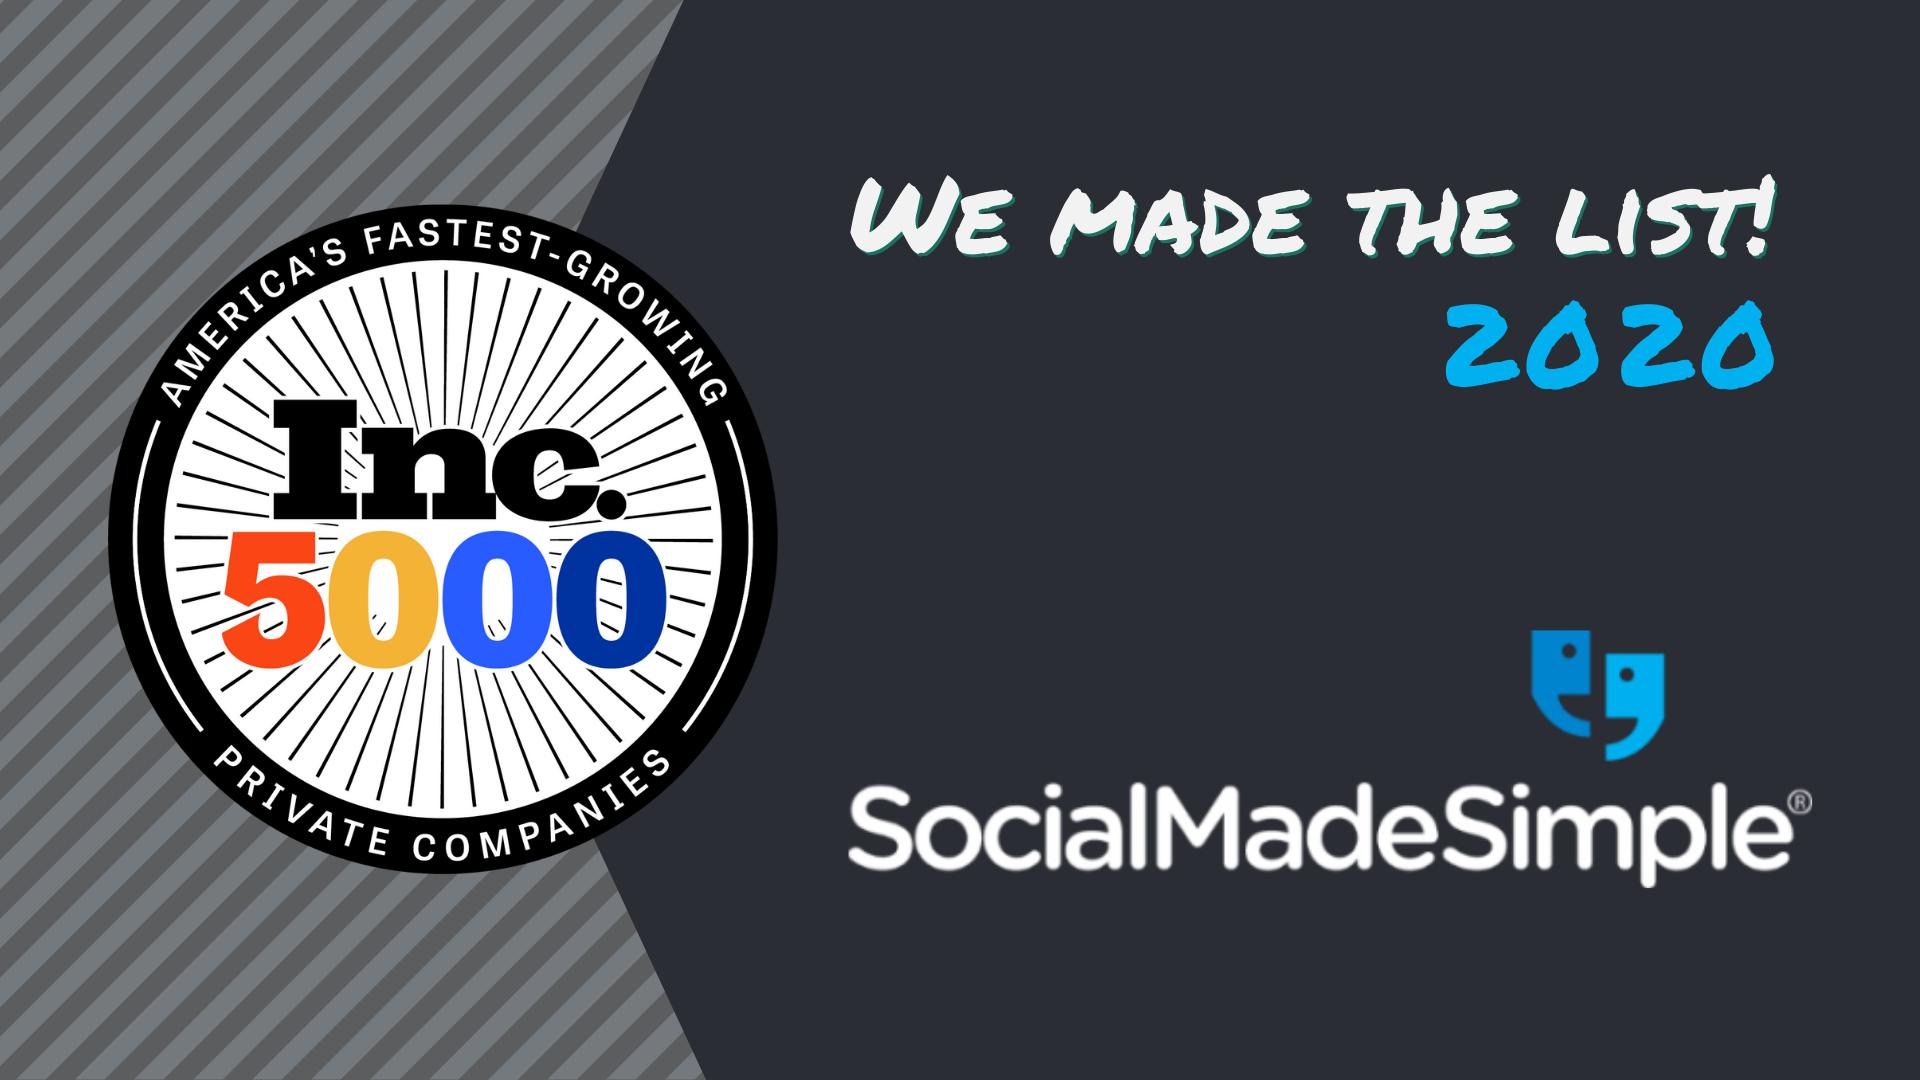 SocialMadeSimple Ranked on the 2020 Inc. 5000 List